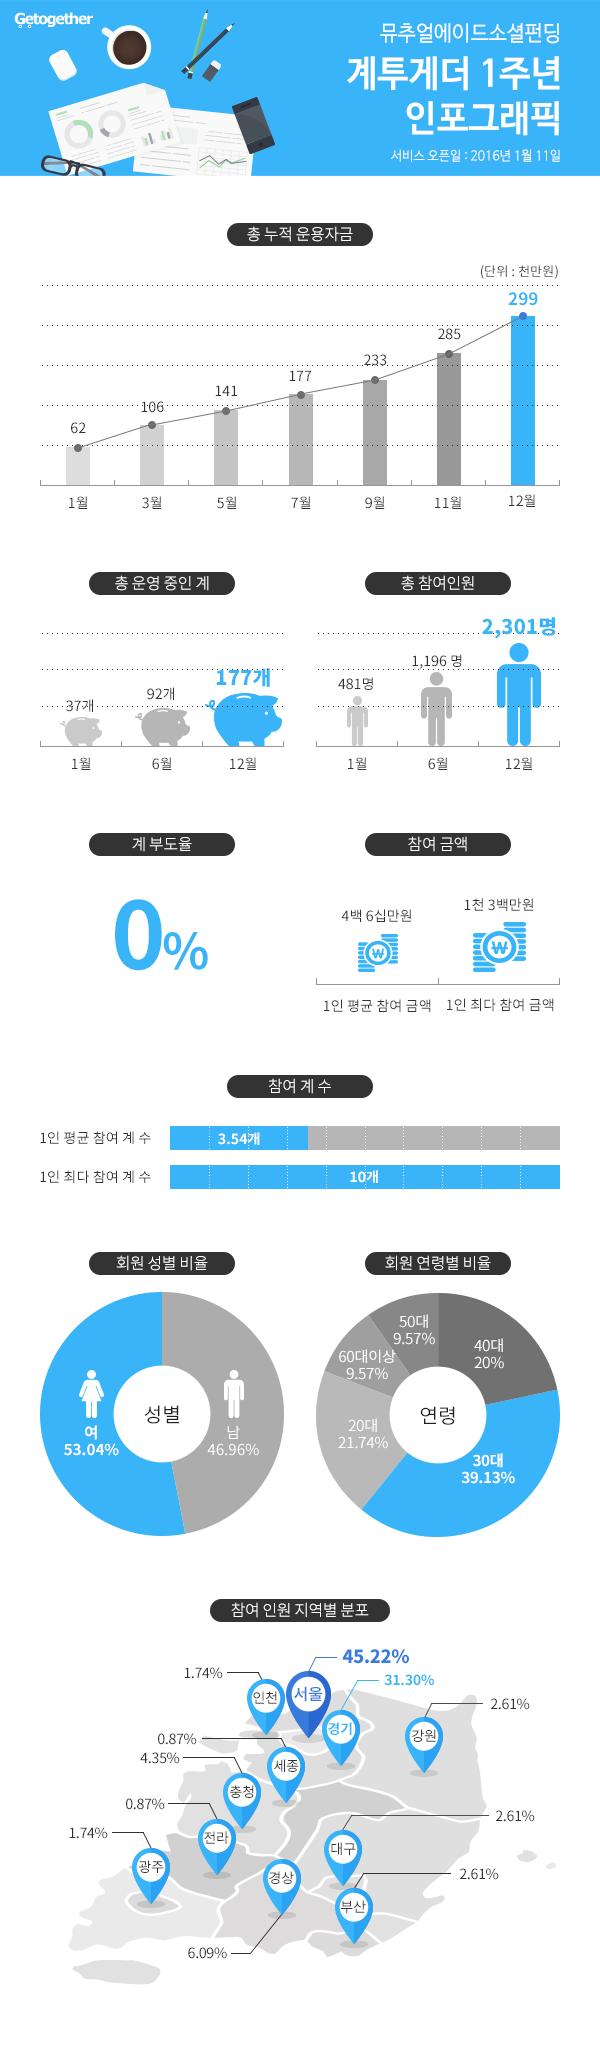 계투게더 1년 결산 항목_inforgraphic3_최종.png